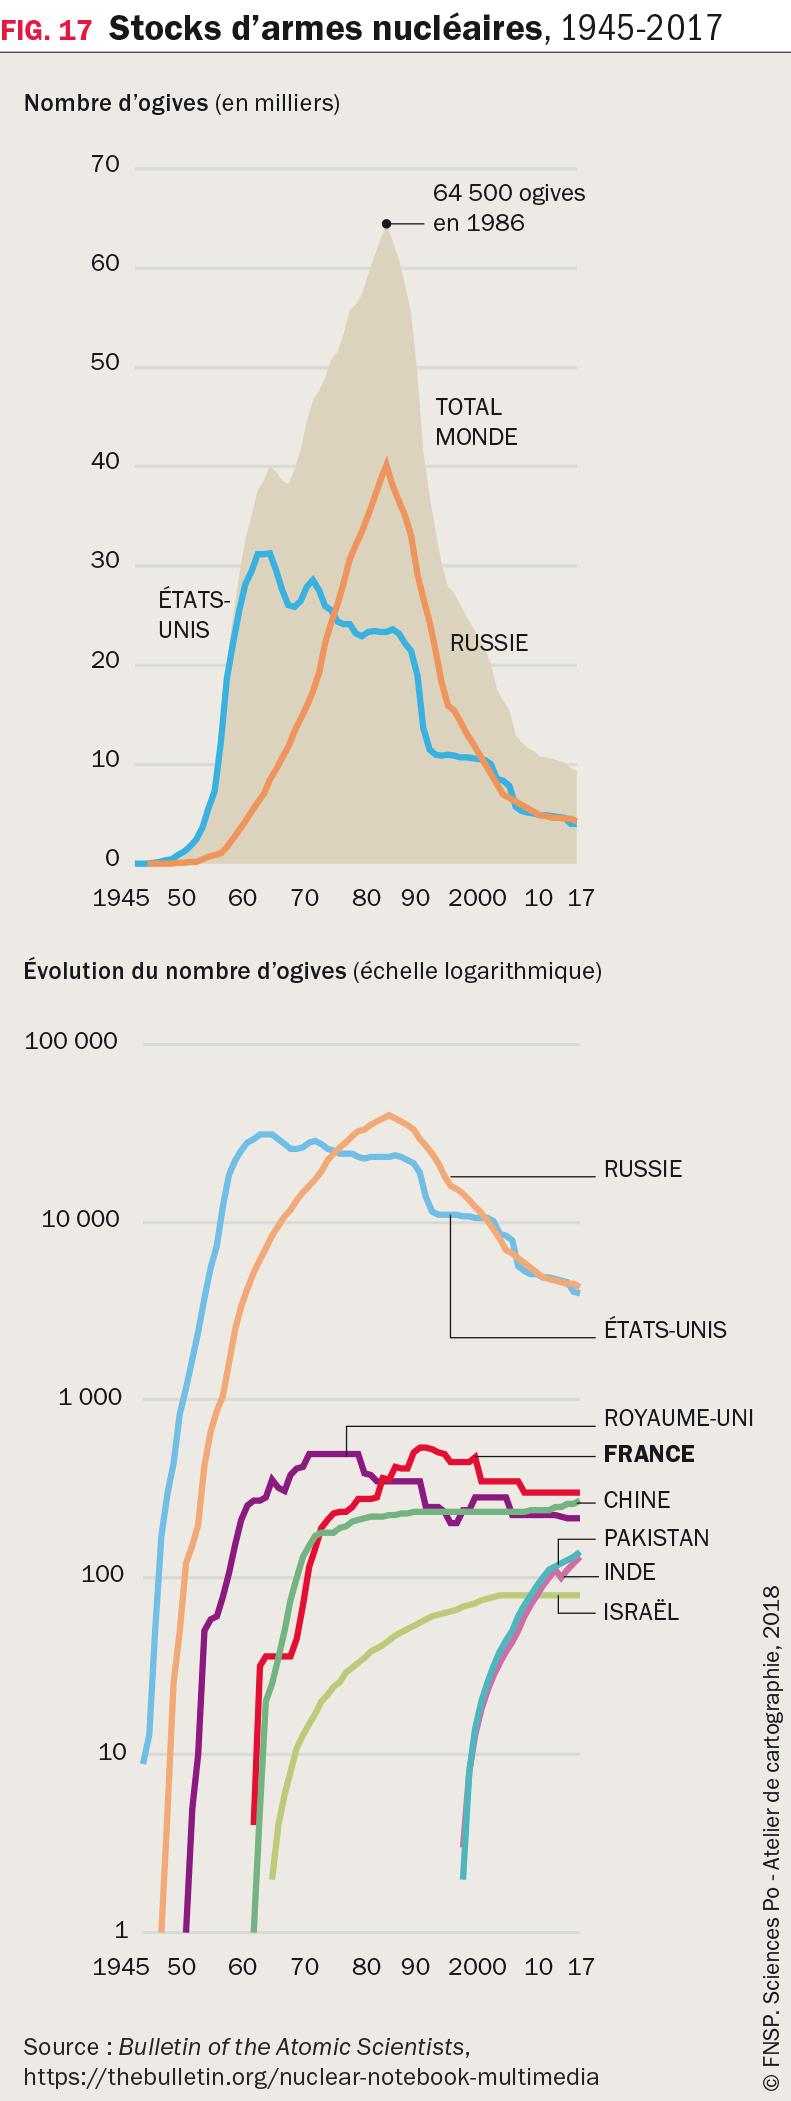 Stocks d'armes nucléaires, 1945-2017